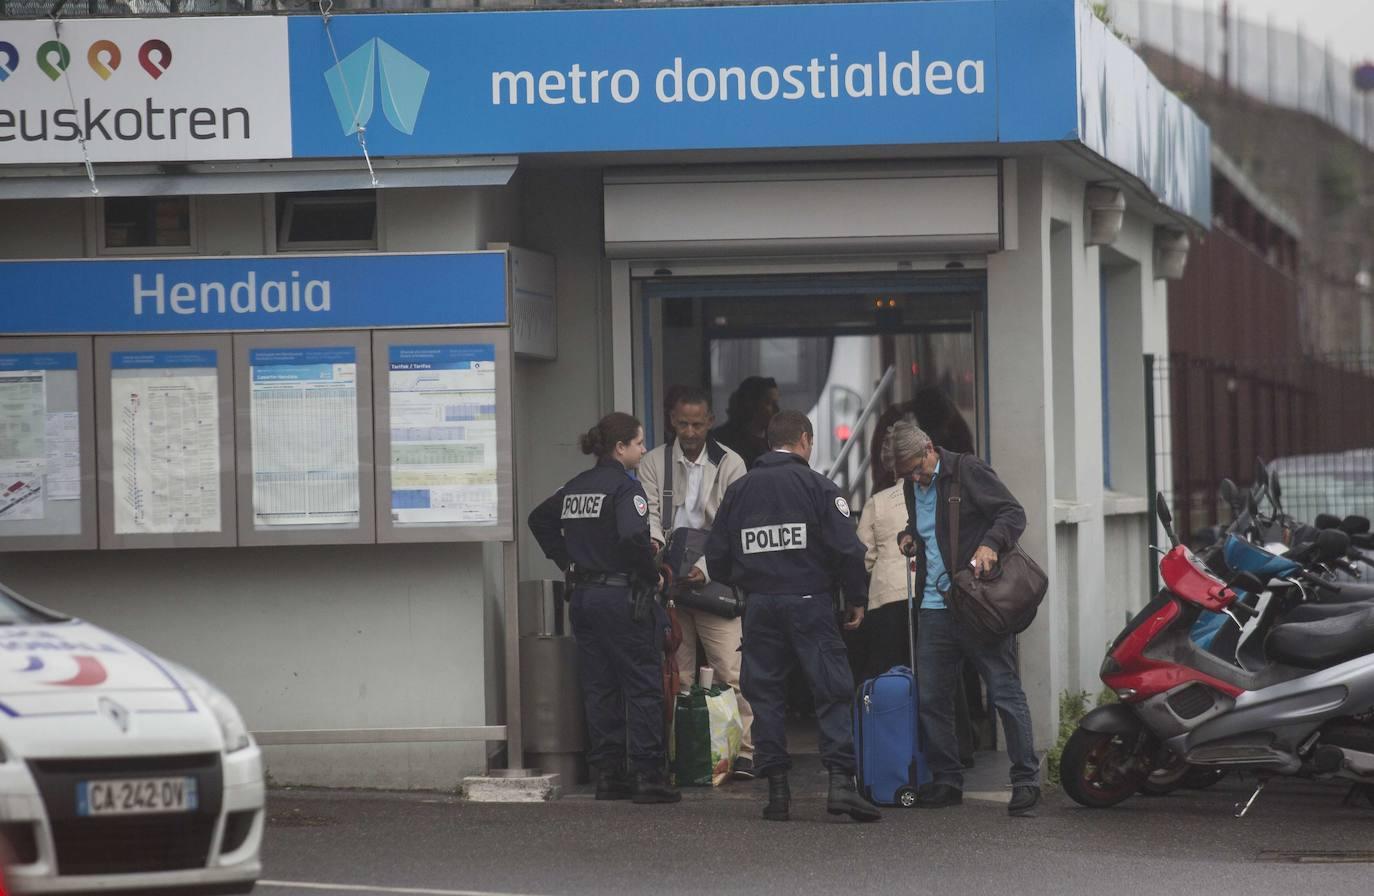 La estación de Euskotren en Hendaia permanecerá cerrada del 18 al 26 de agosto por la cumbre del G7